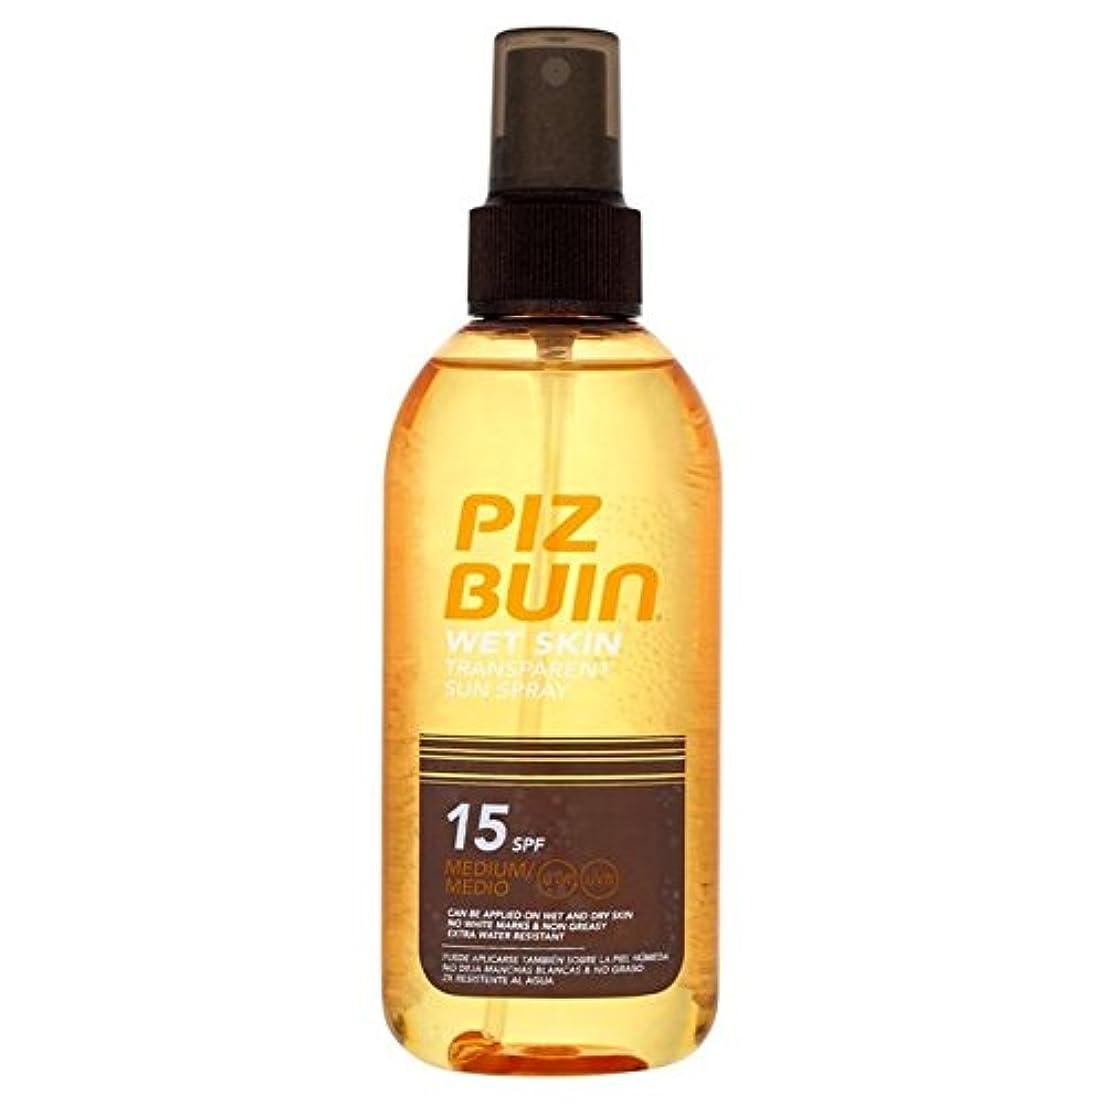 攻撃的異形メタンPiz Buin Wet Transparent Skin SPF15 150ml - ピッツブーインの湿った透明肌15の150ミリリットル [並行輸入品]